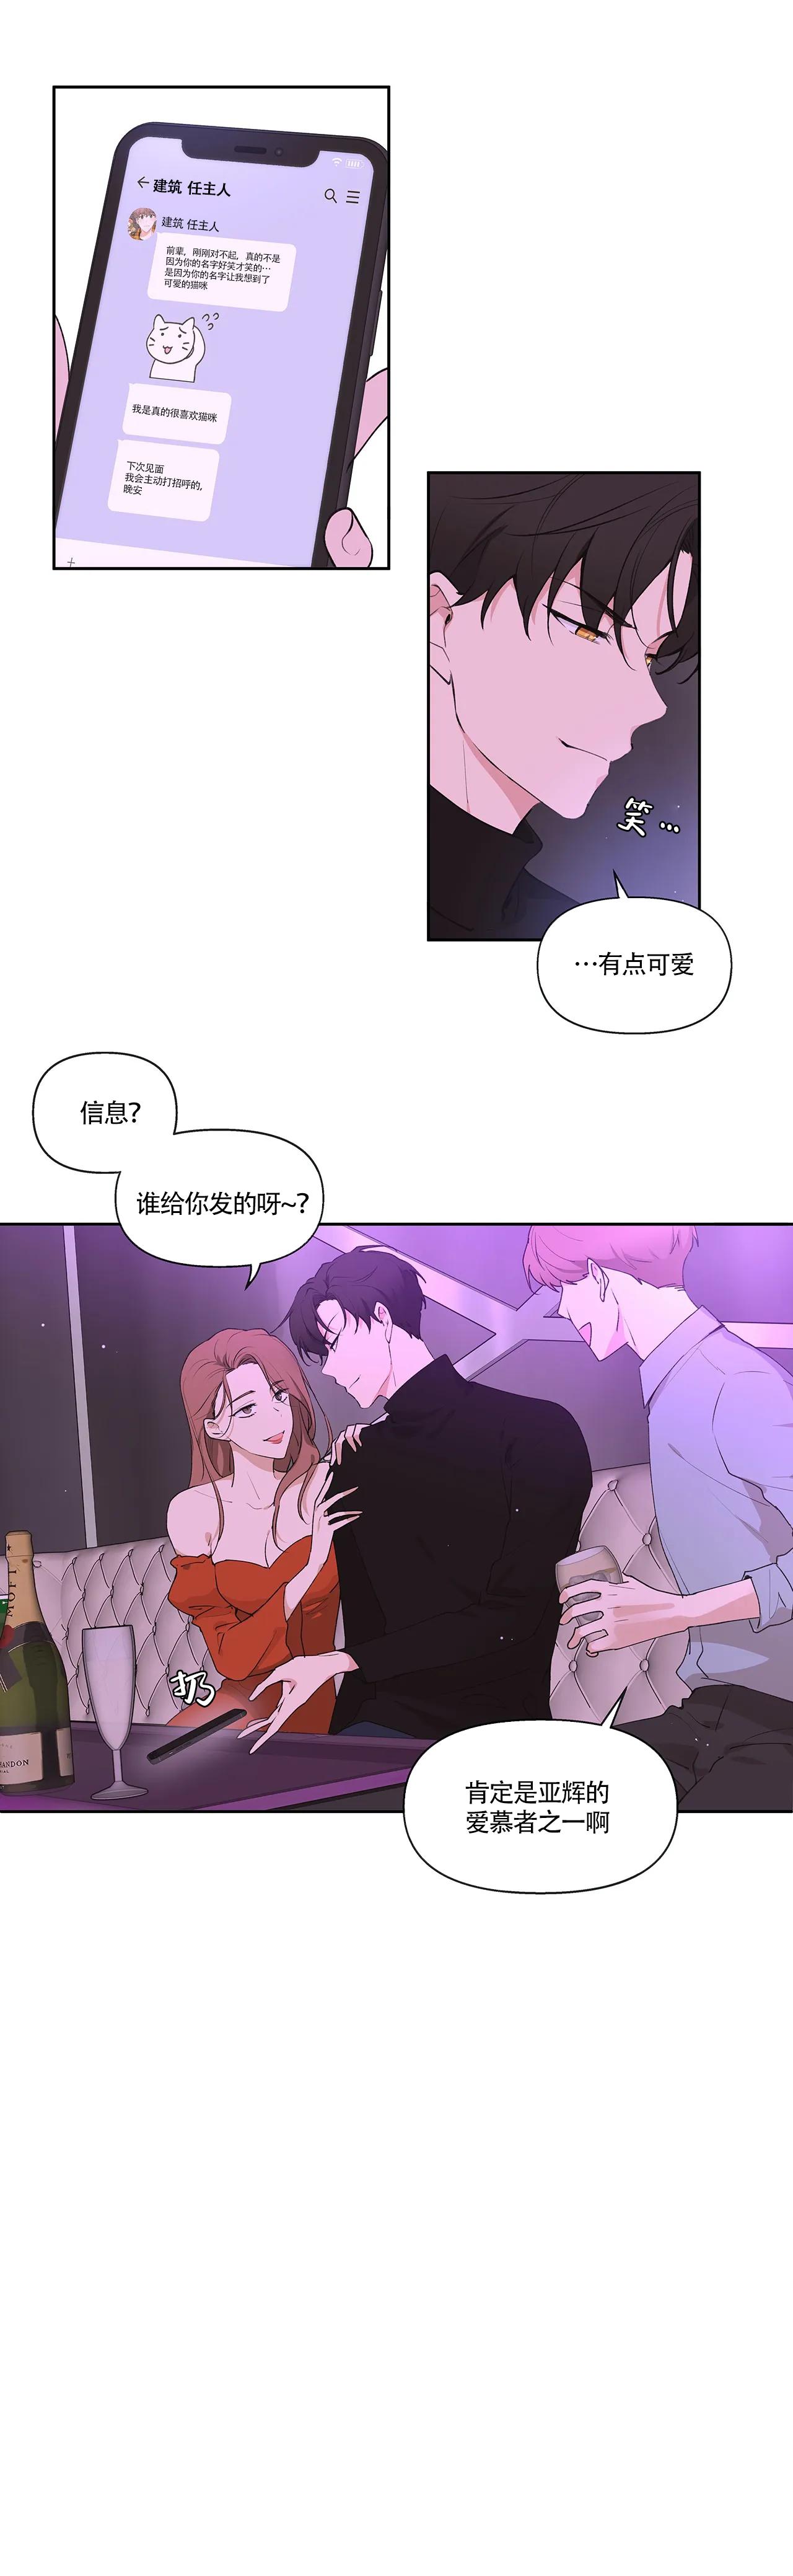 韩漫   《主人的私情》主人和忠犬男友的浪漫爱情!  第15张